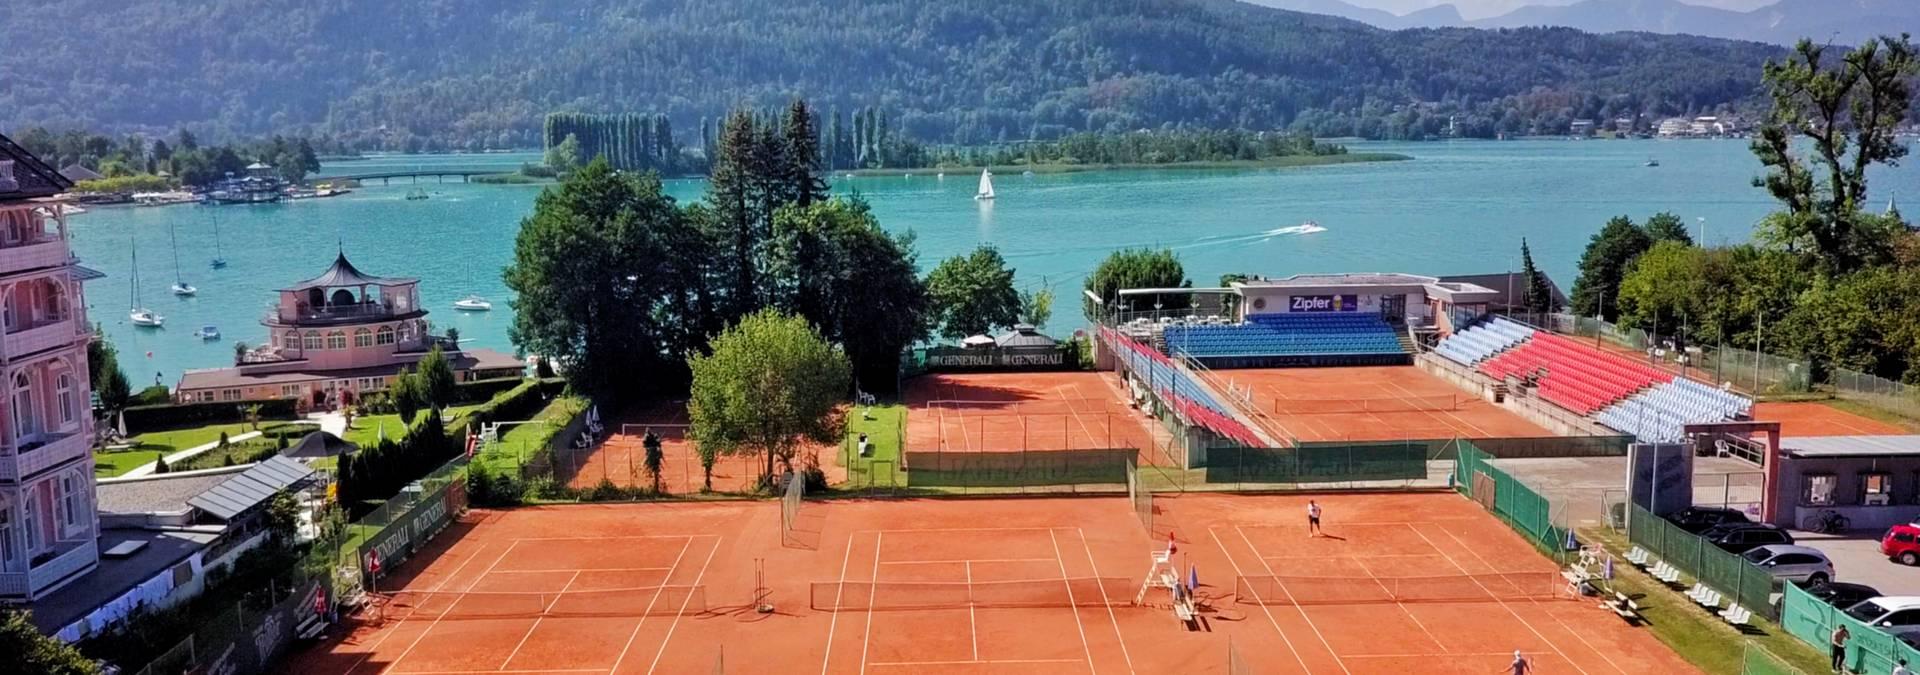 Tennis in Pörtschach am Wörthersee